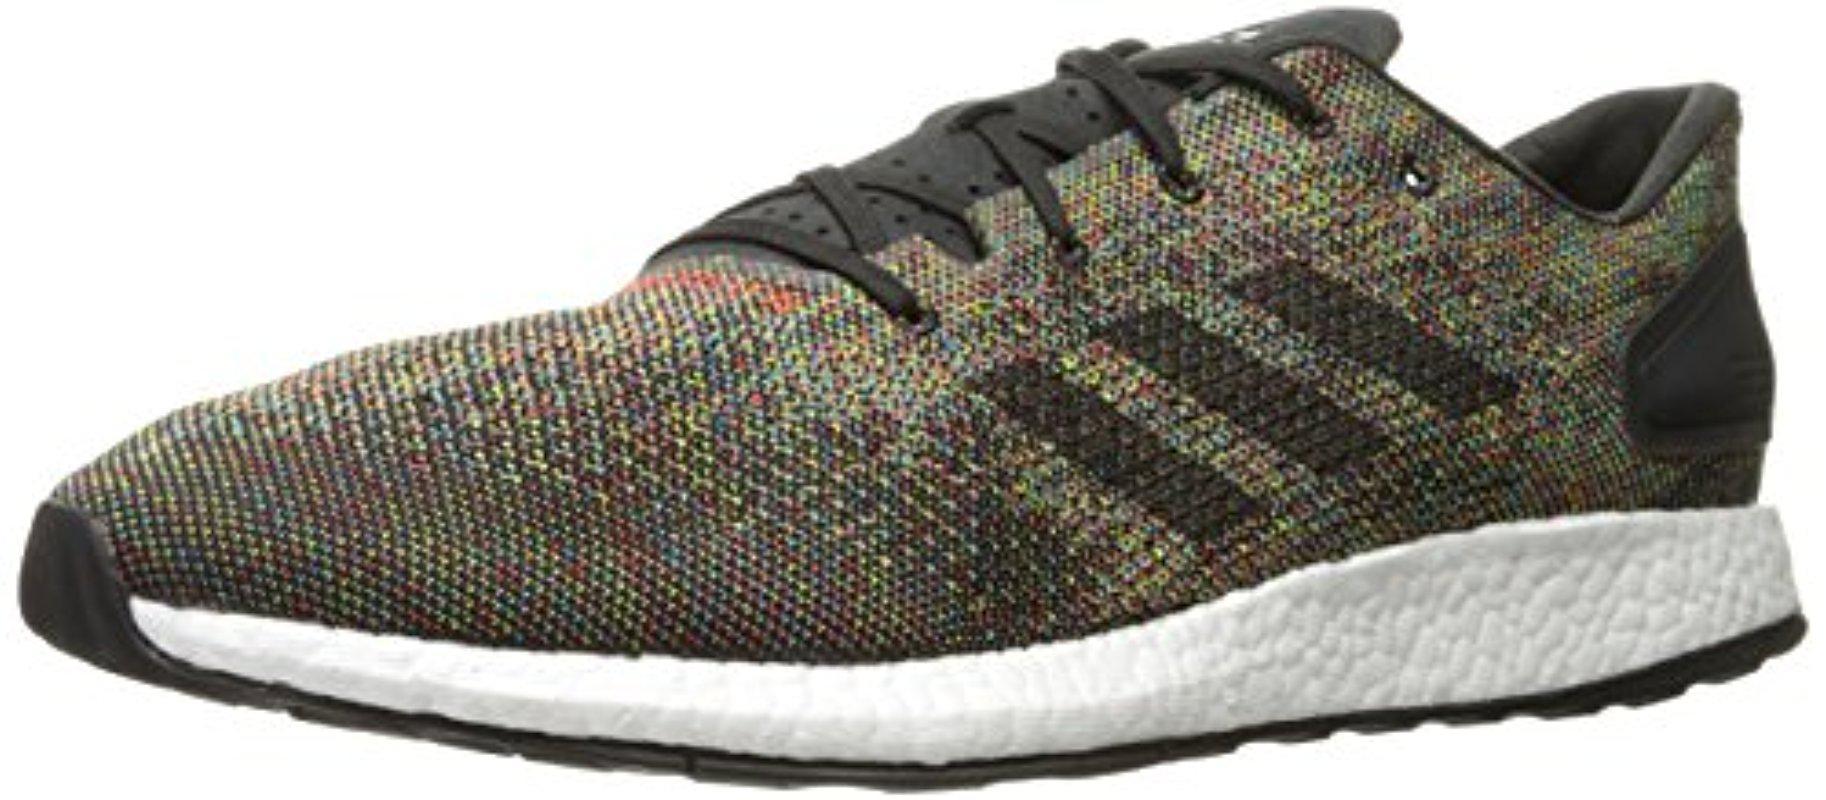 Lyst Adidas Pureboost Dpr N. Ltd Nero Scarpa Da Corsa In Nero Ltd Per Gli Uomini. e64d13